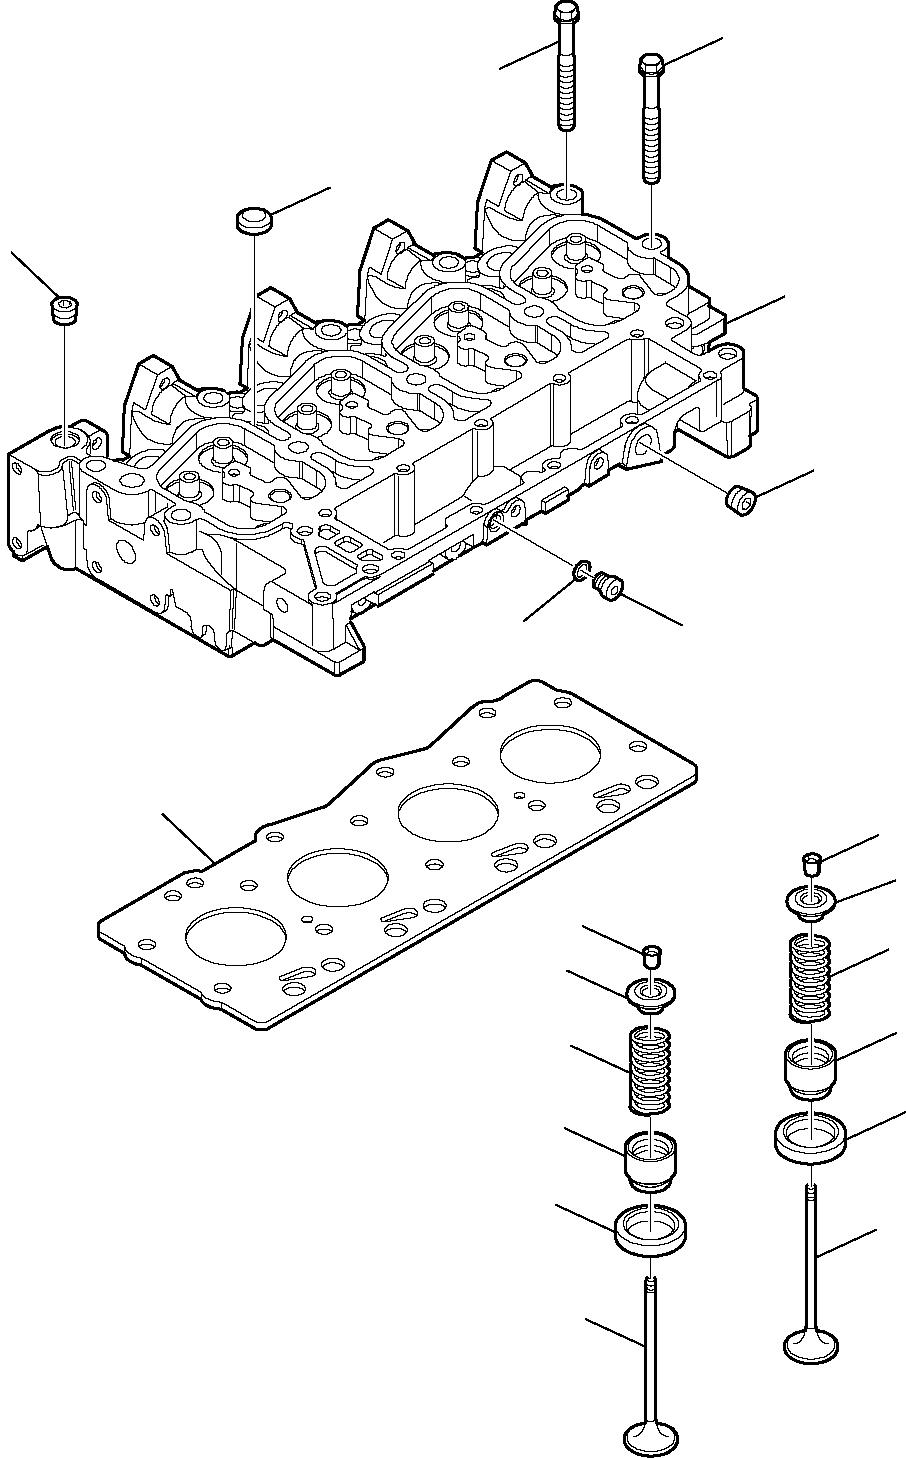 Запчасти для головка цилиндров (aspirated двигатель